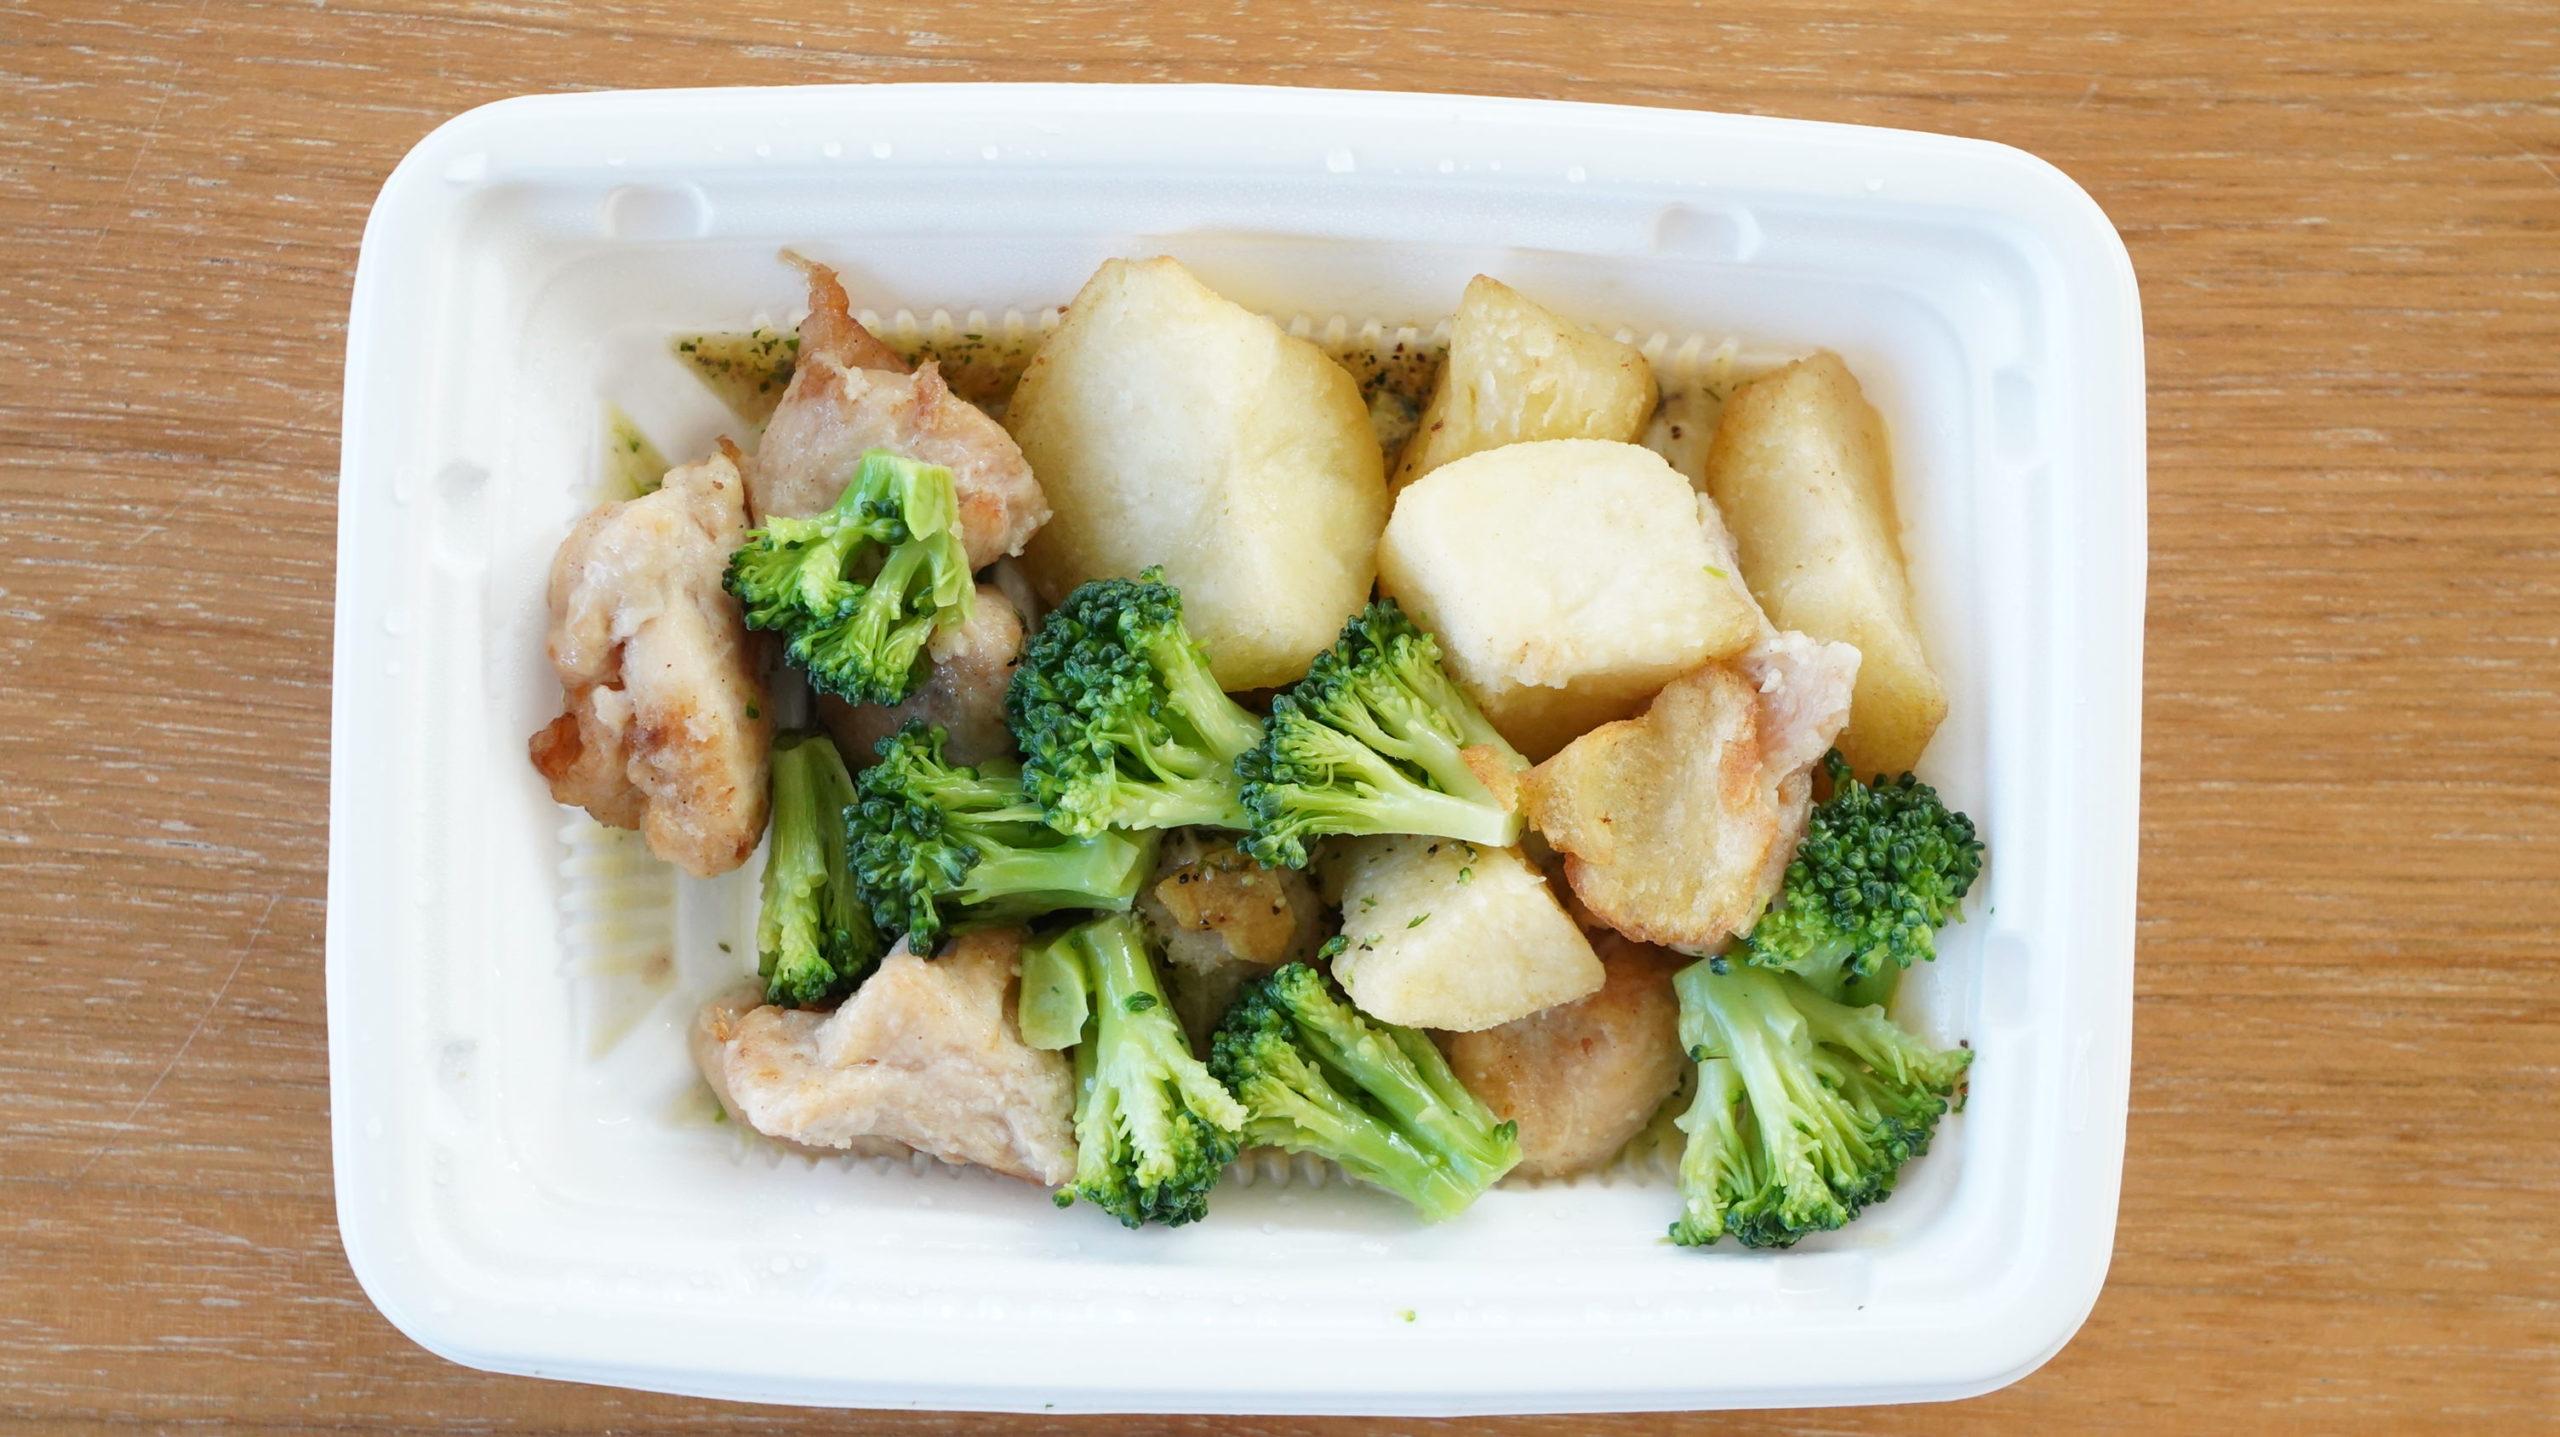 ファミリーマートの冷凍食品「野菜とチキンのアヒージョ風」を上から撮影した写真